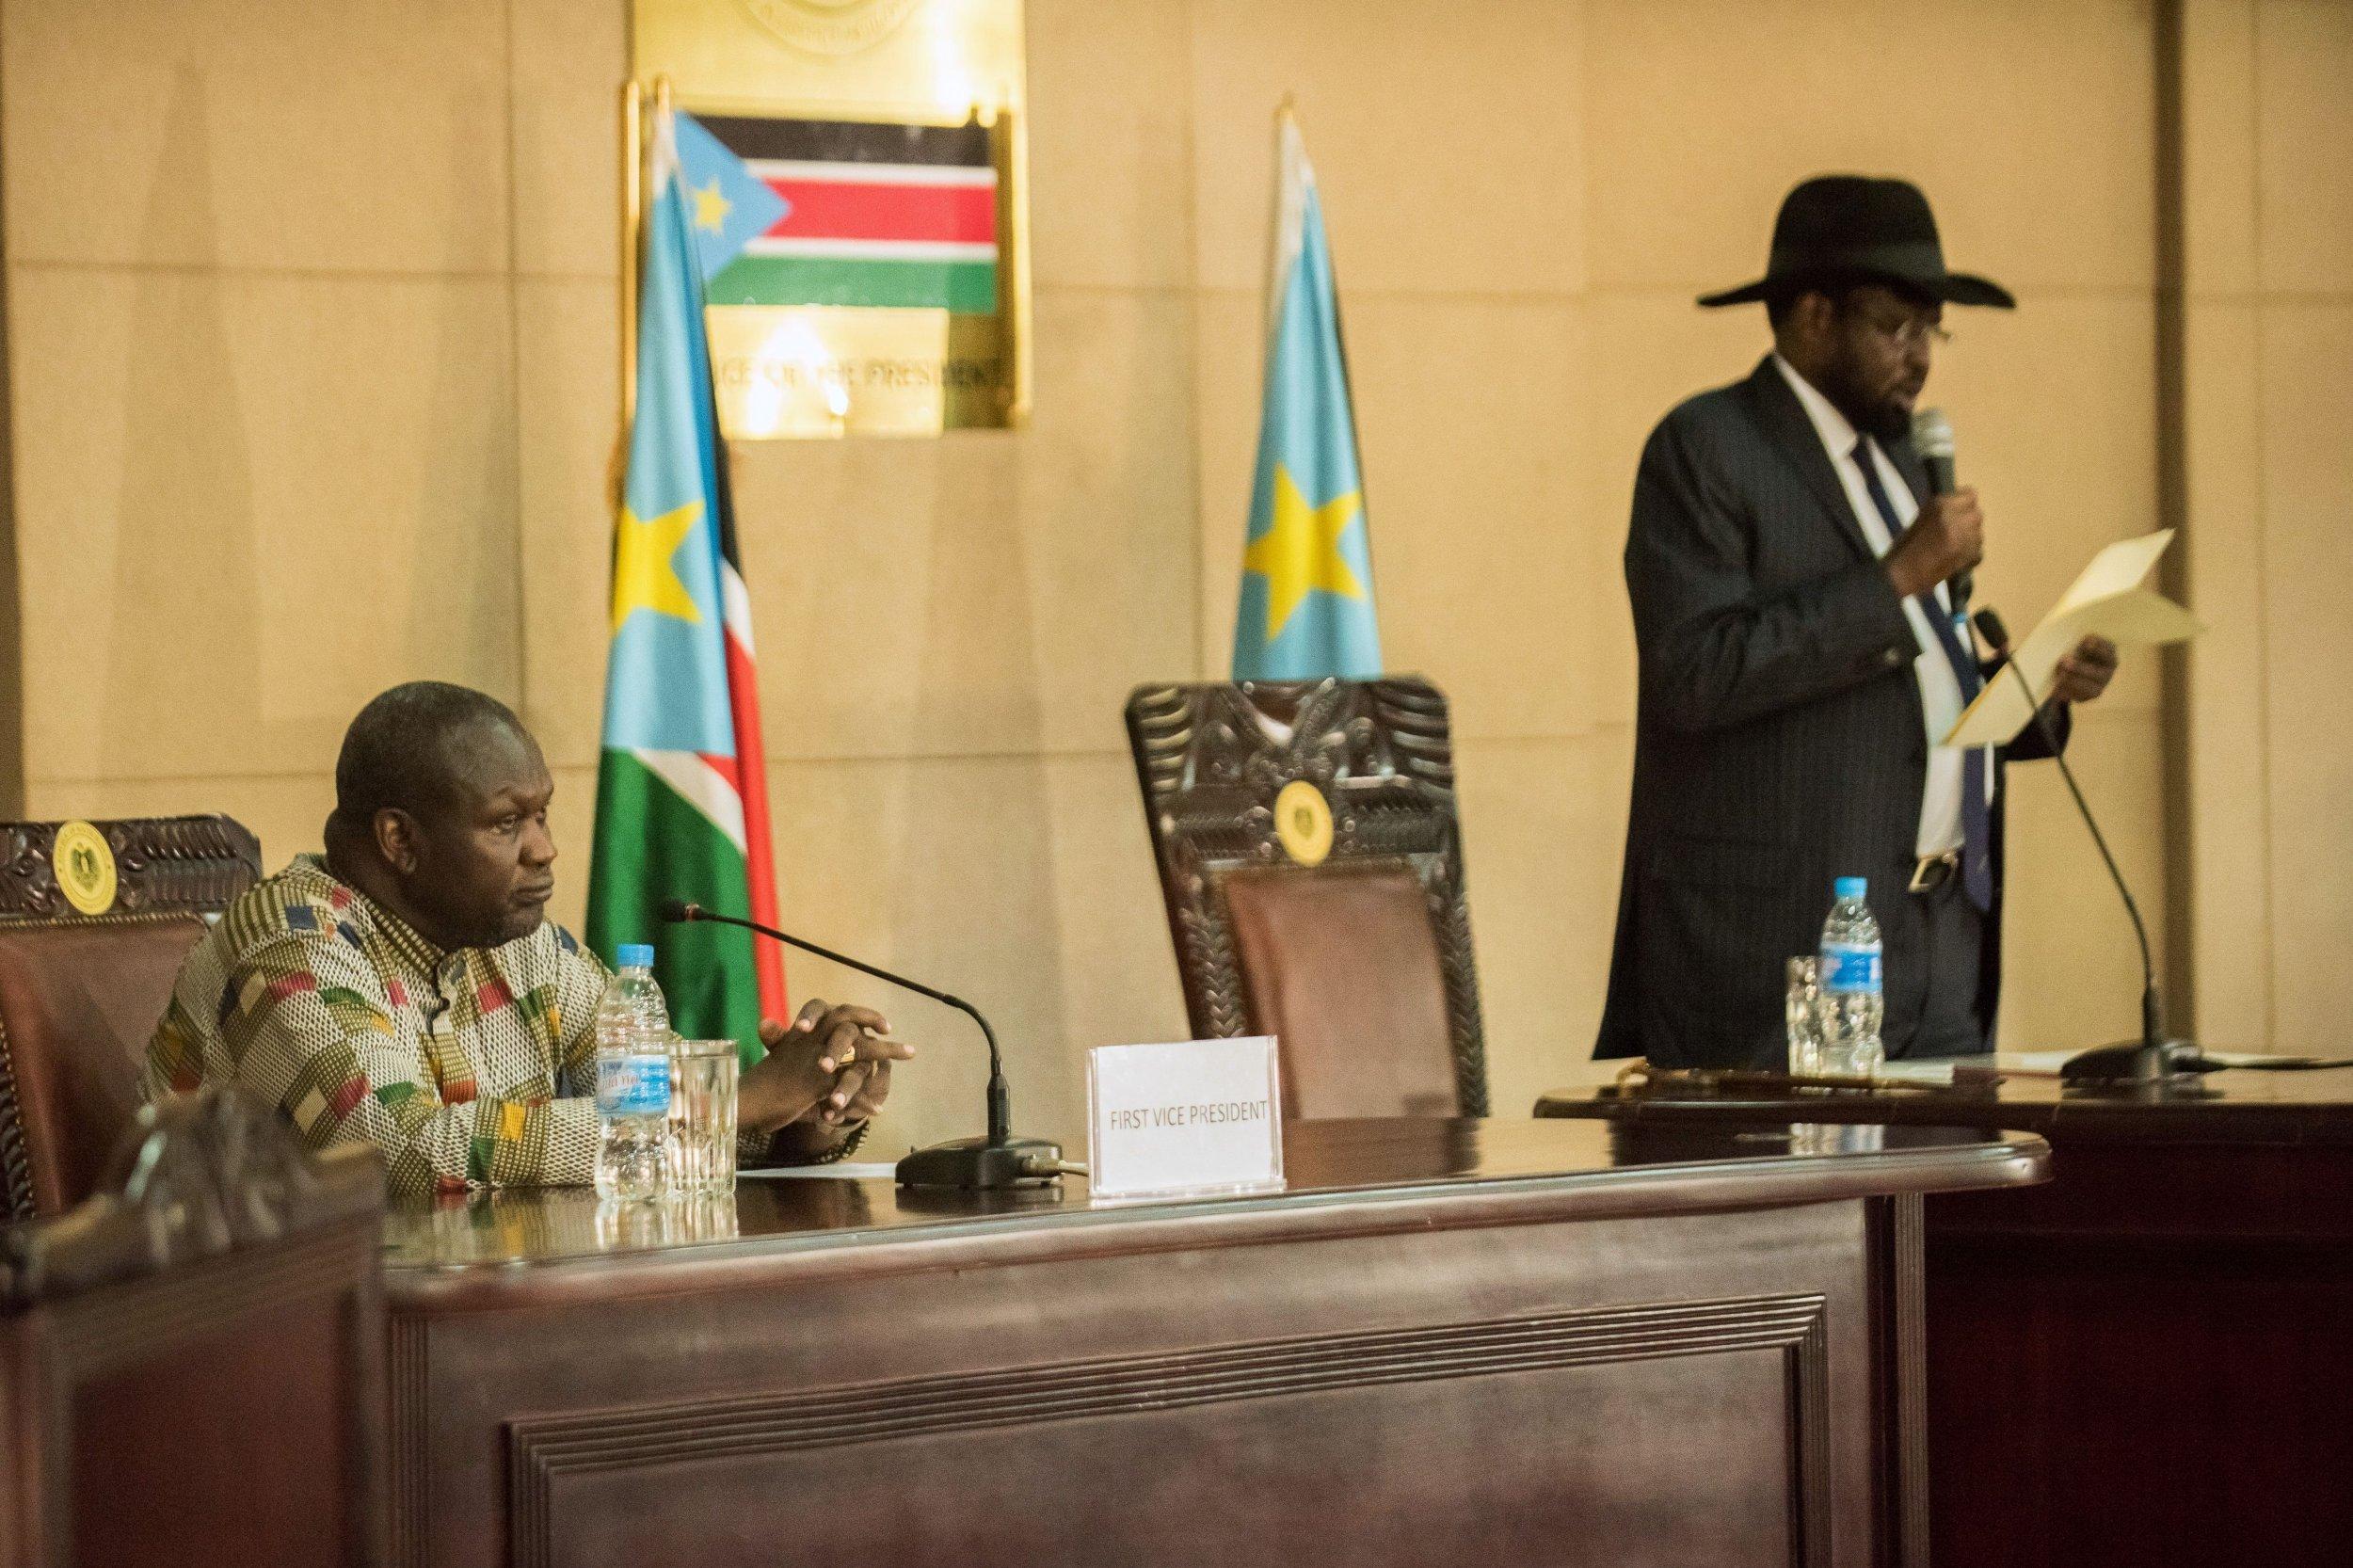 South Sudan President Salva Kiir speaks as Riek Machar sworn in